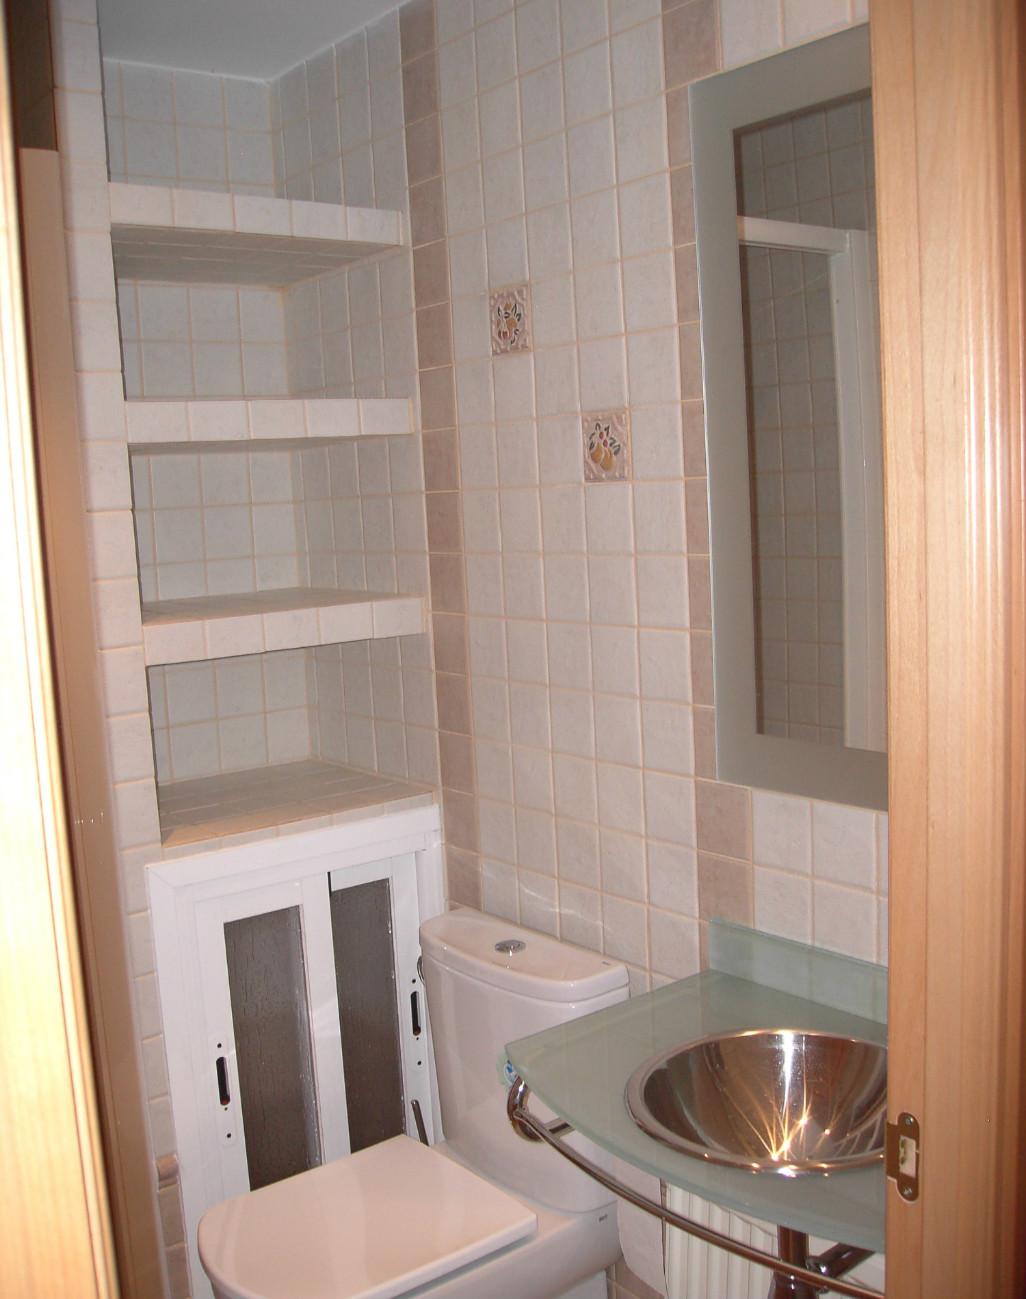 Baño Pequeno Mampara:Reformark Reformas Madrid viviendas baños 8